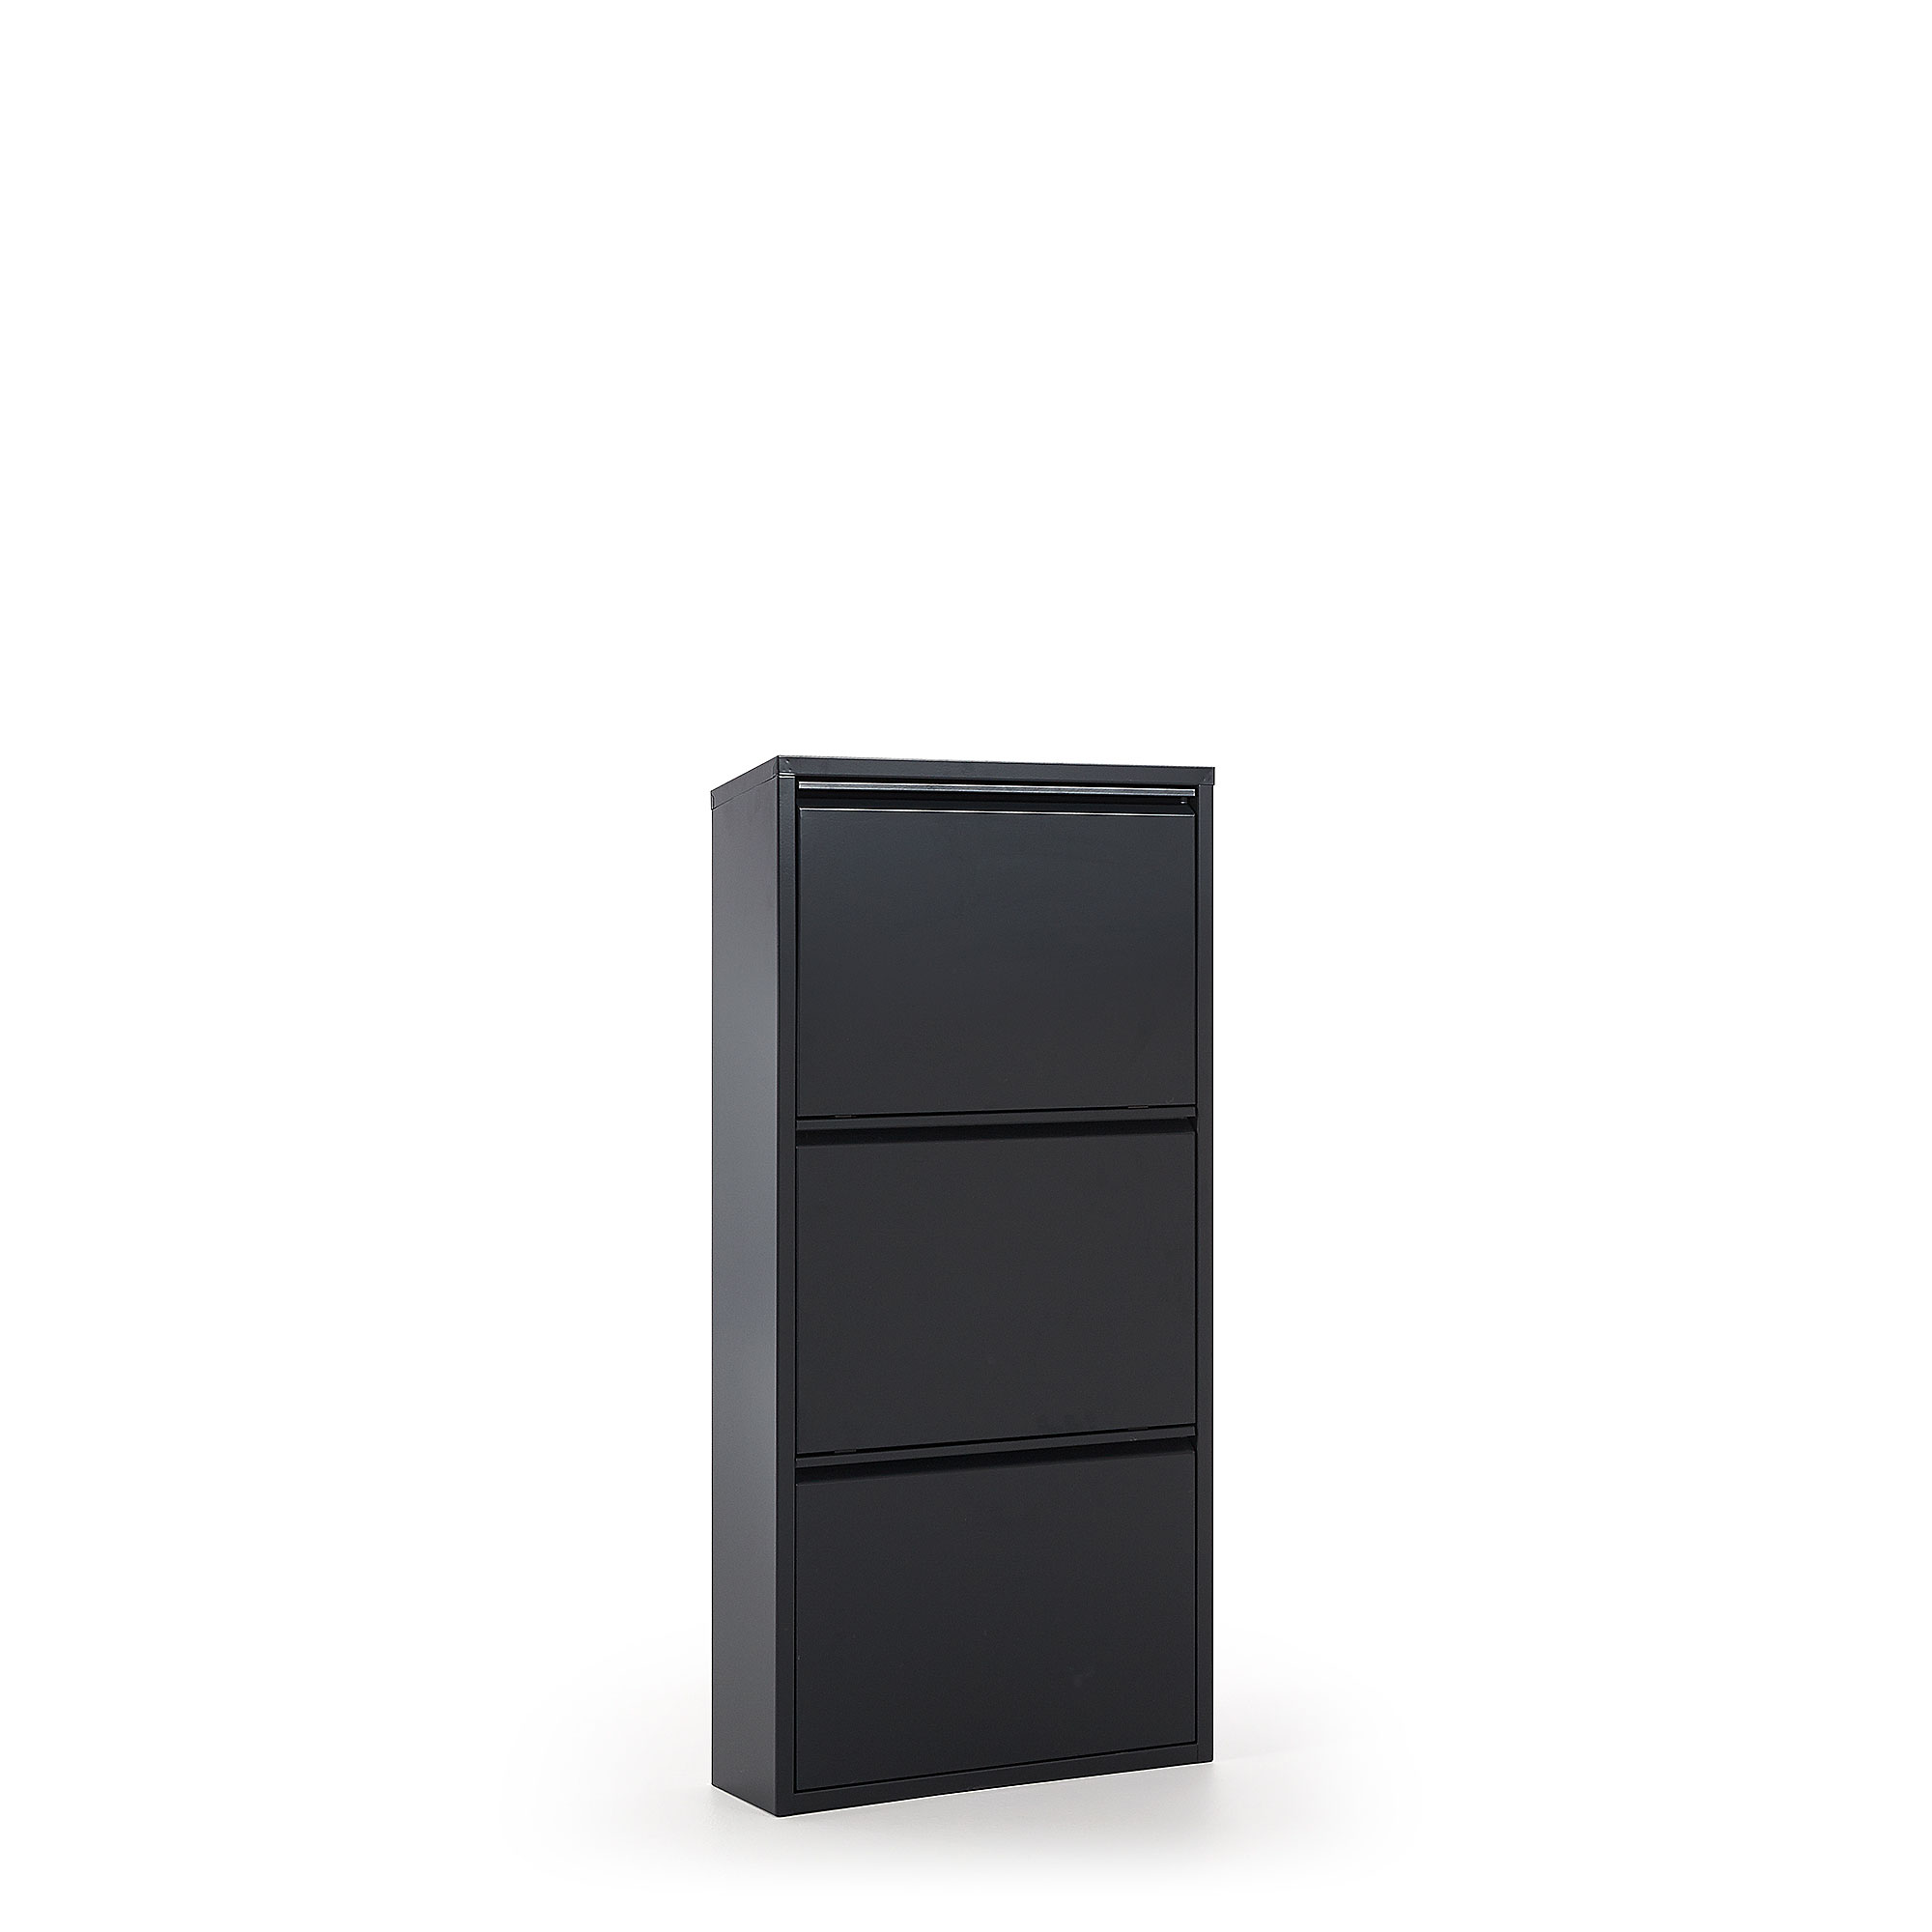 Kave Home - Ode Schuhregal 50 x 103 cm, 3-türig, anthrazit | Flur & Diele > Schuhschränke und Kommoden > Schuhregal | Kave Home